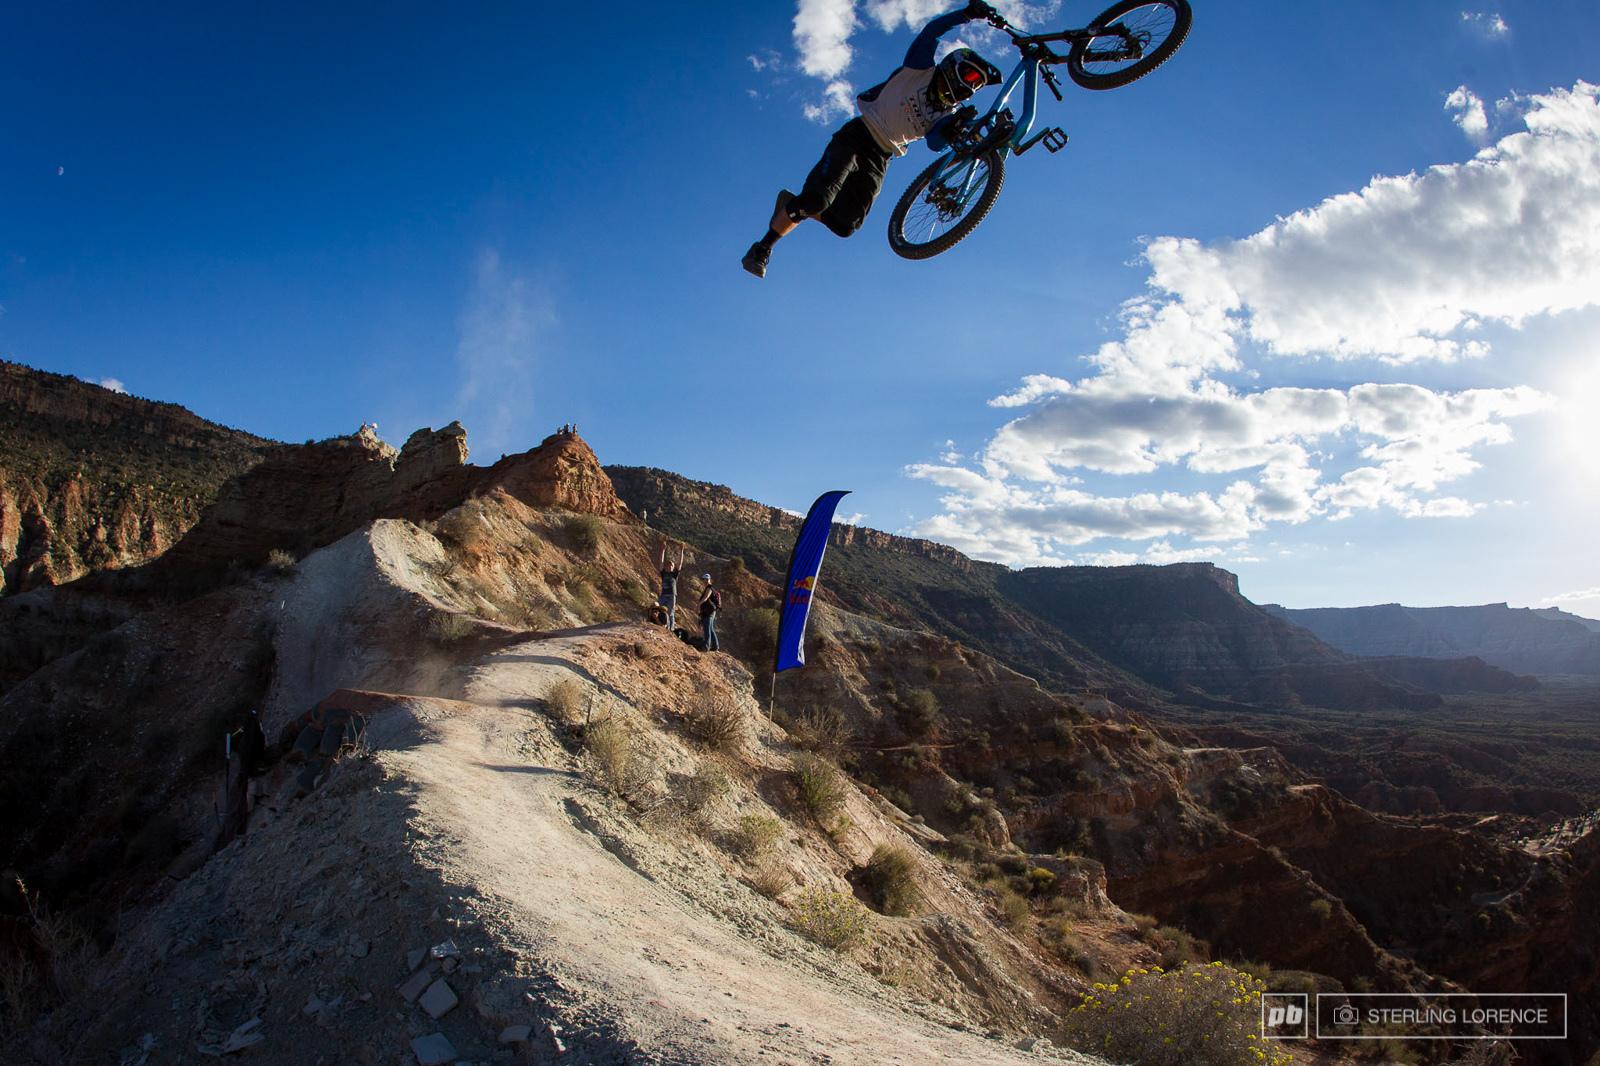 Cam McCaul 2013 RedBull Rampage in Virgin Utah